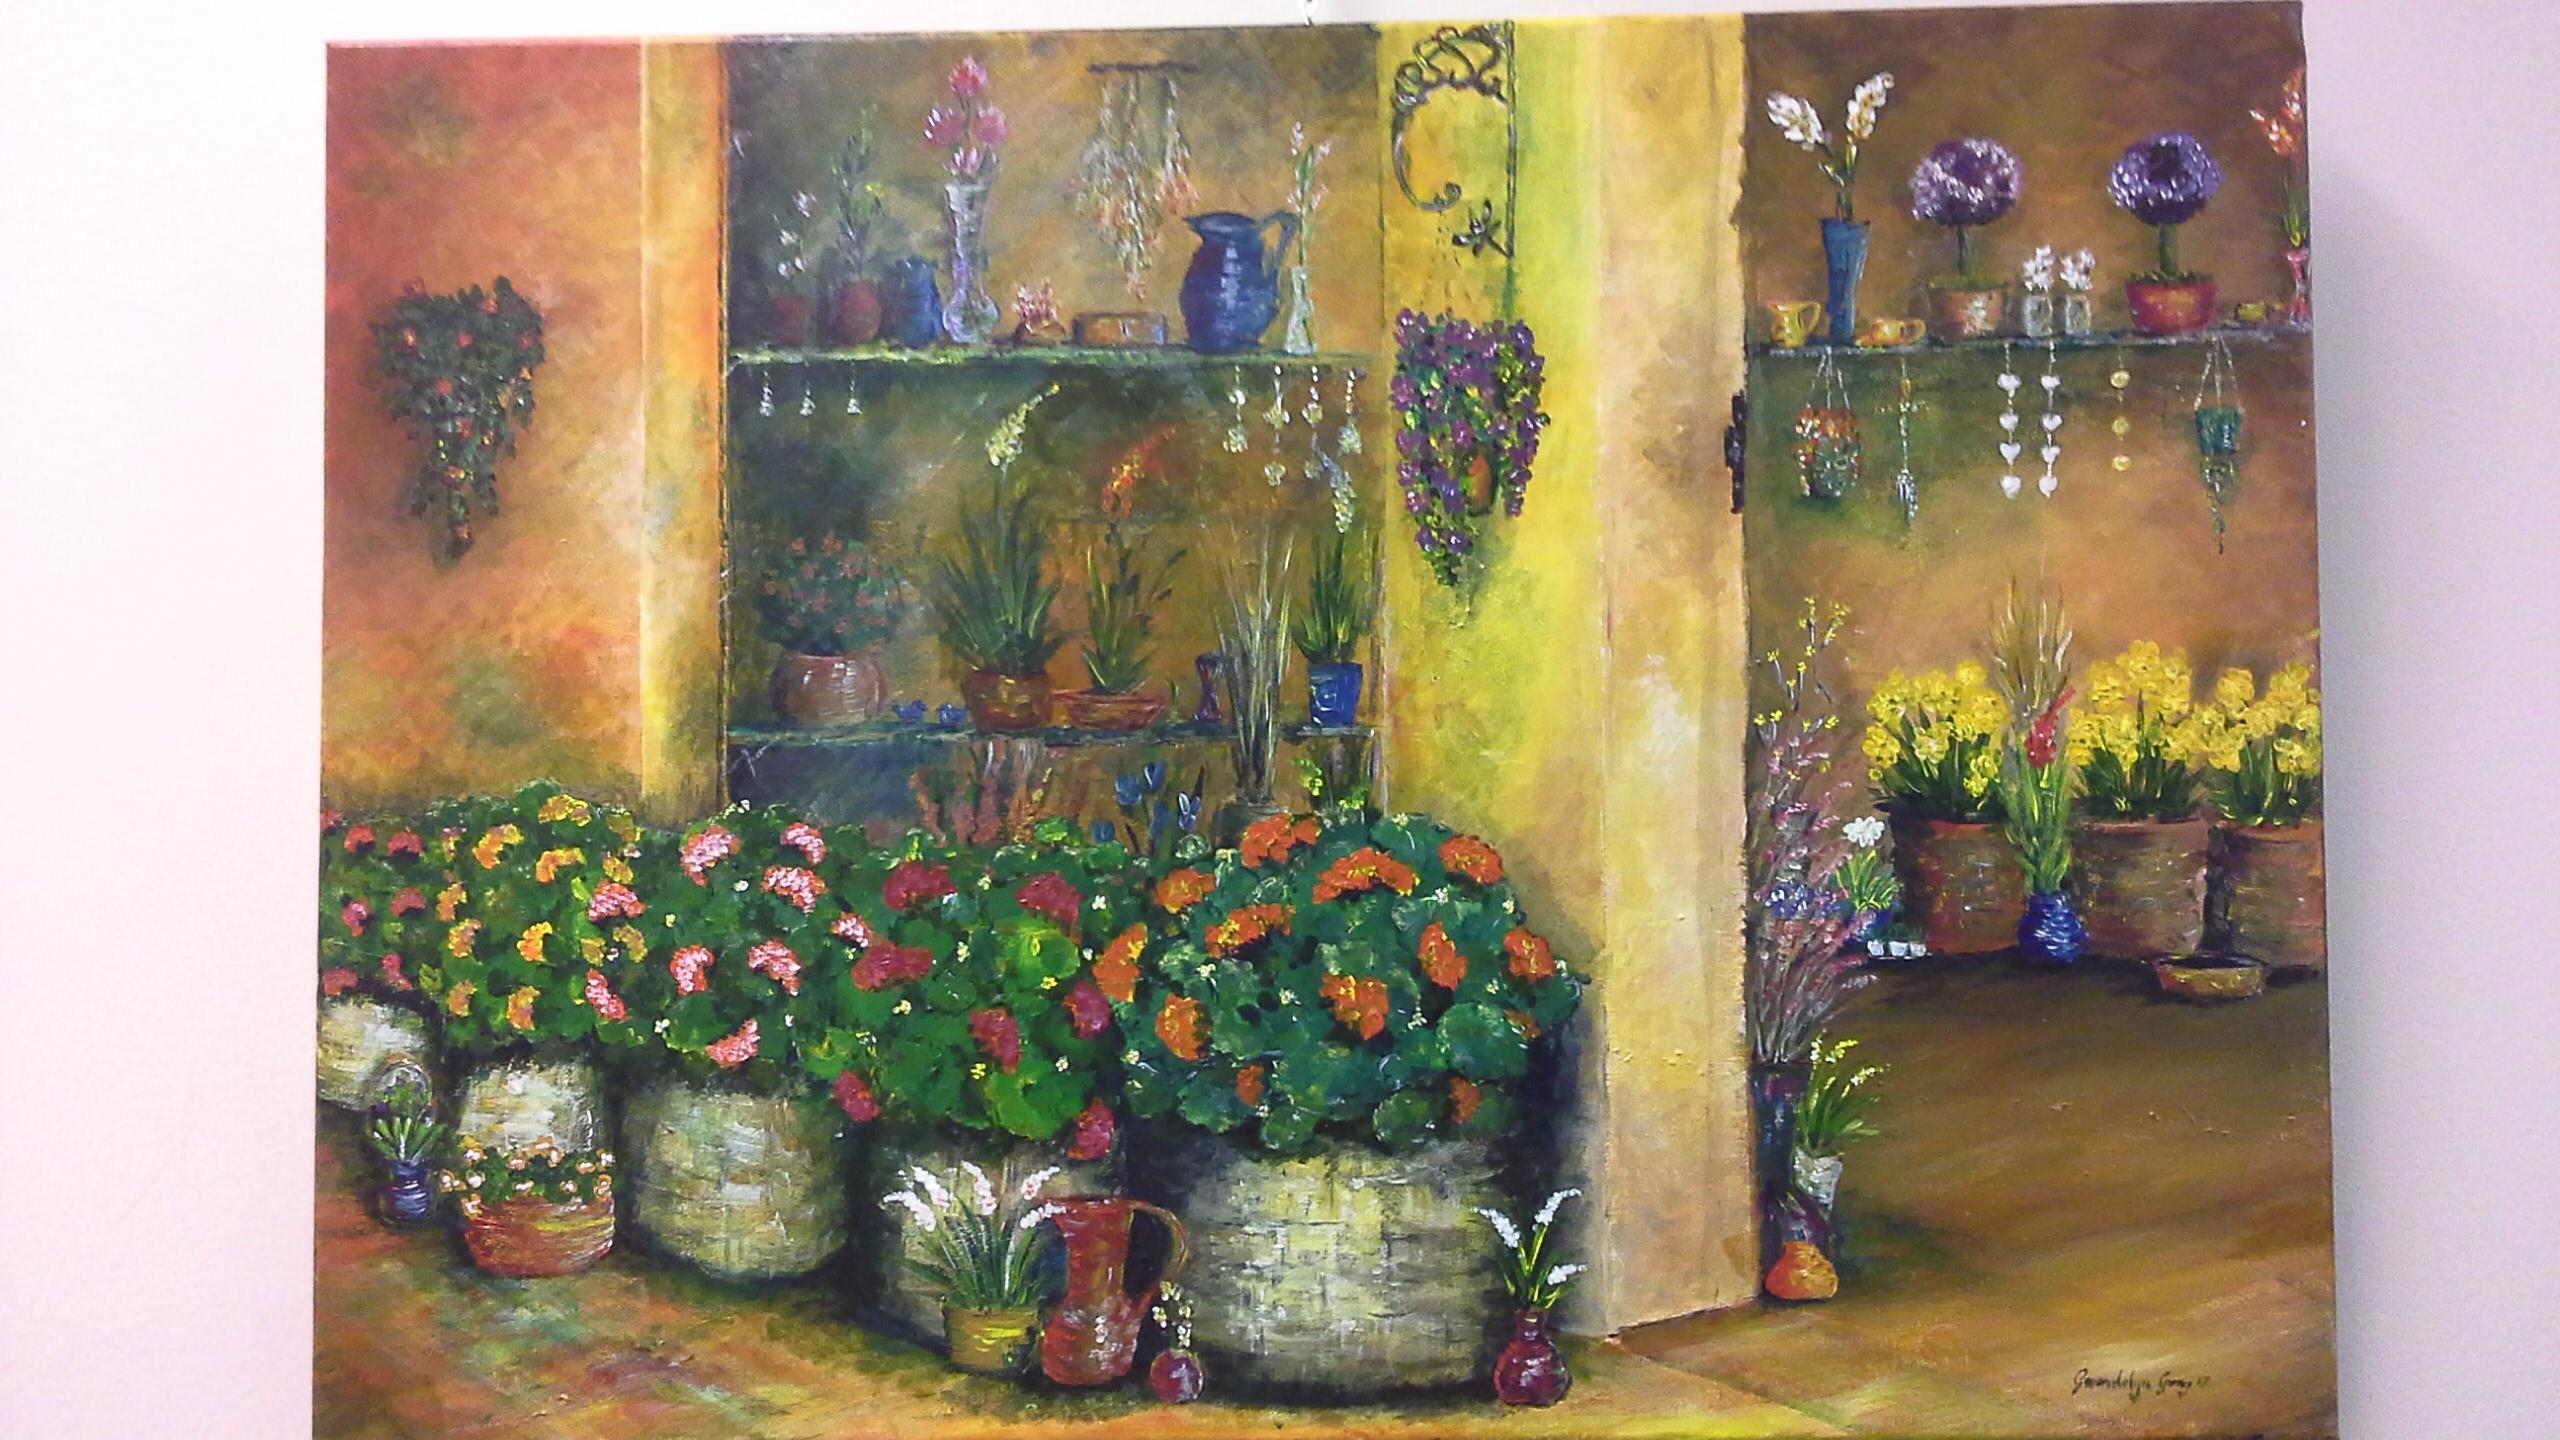 Venice Florist - Sold